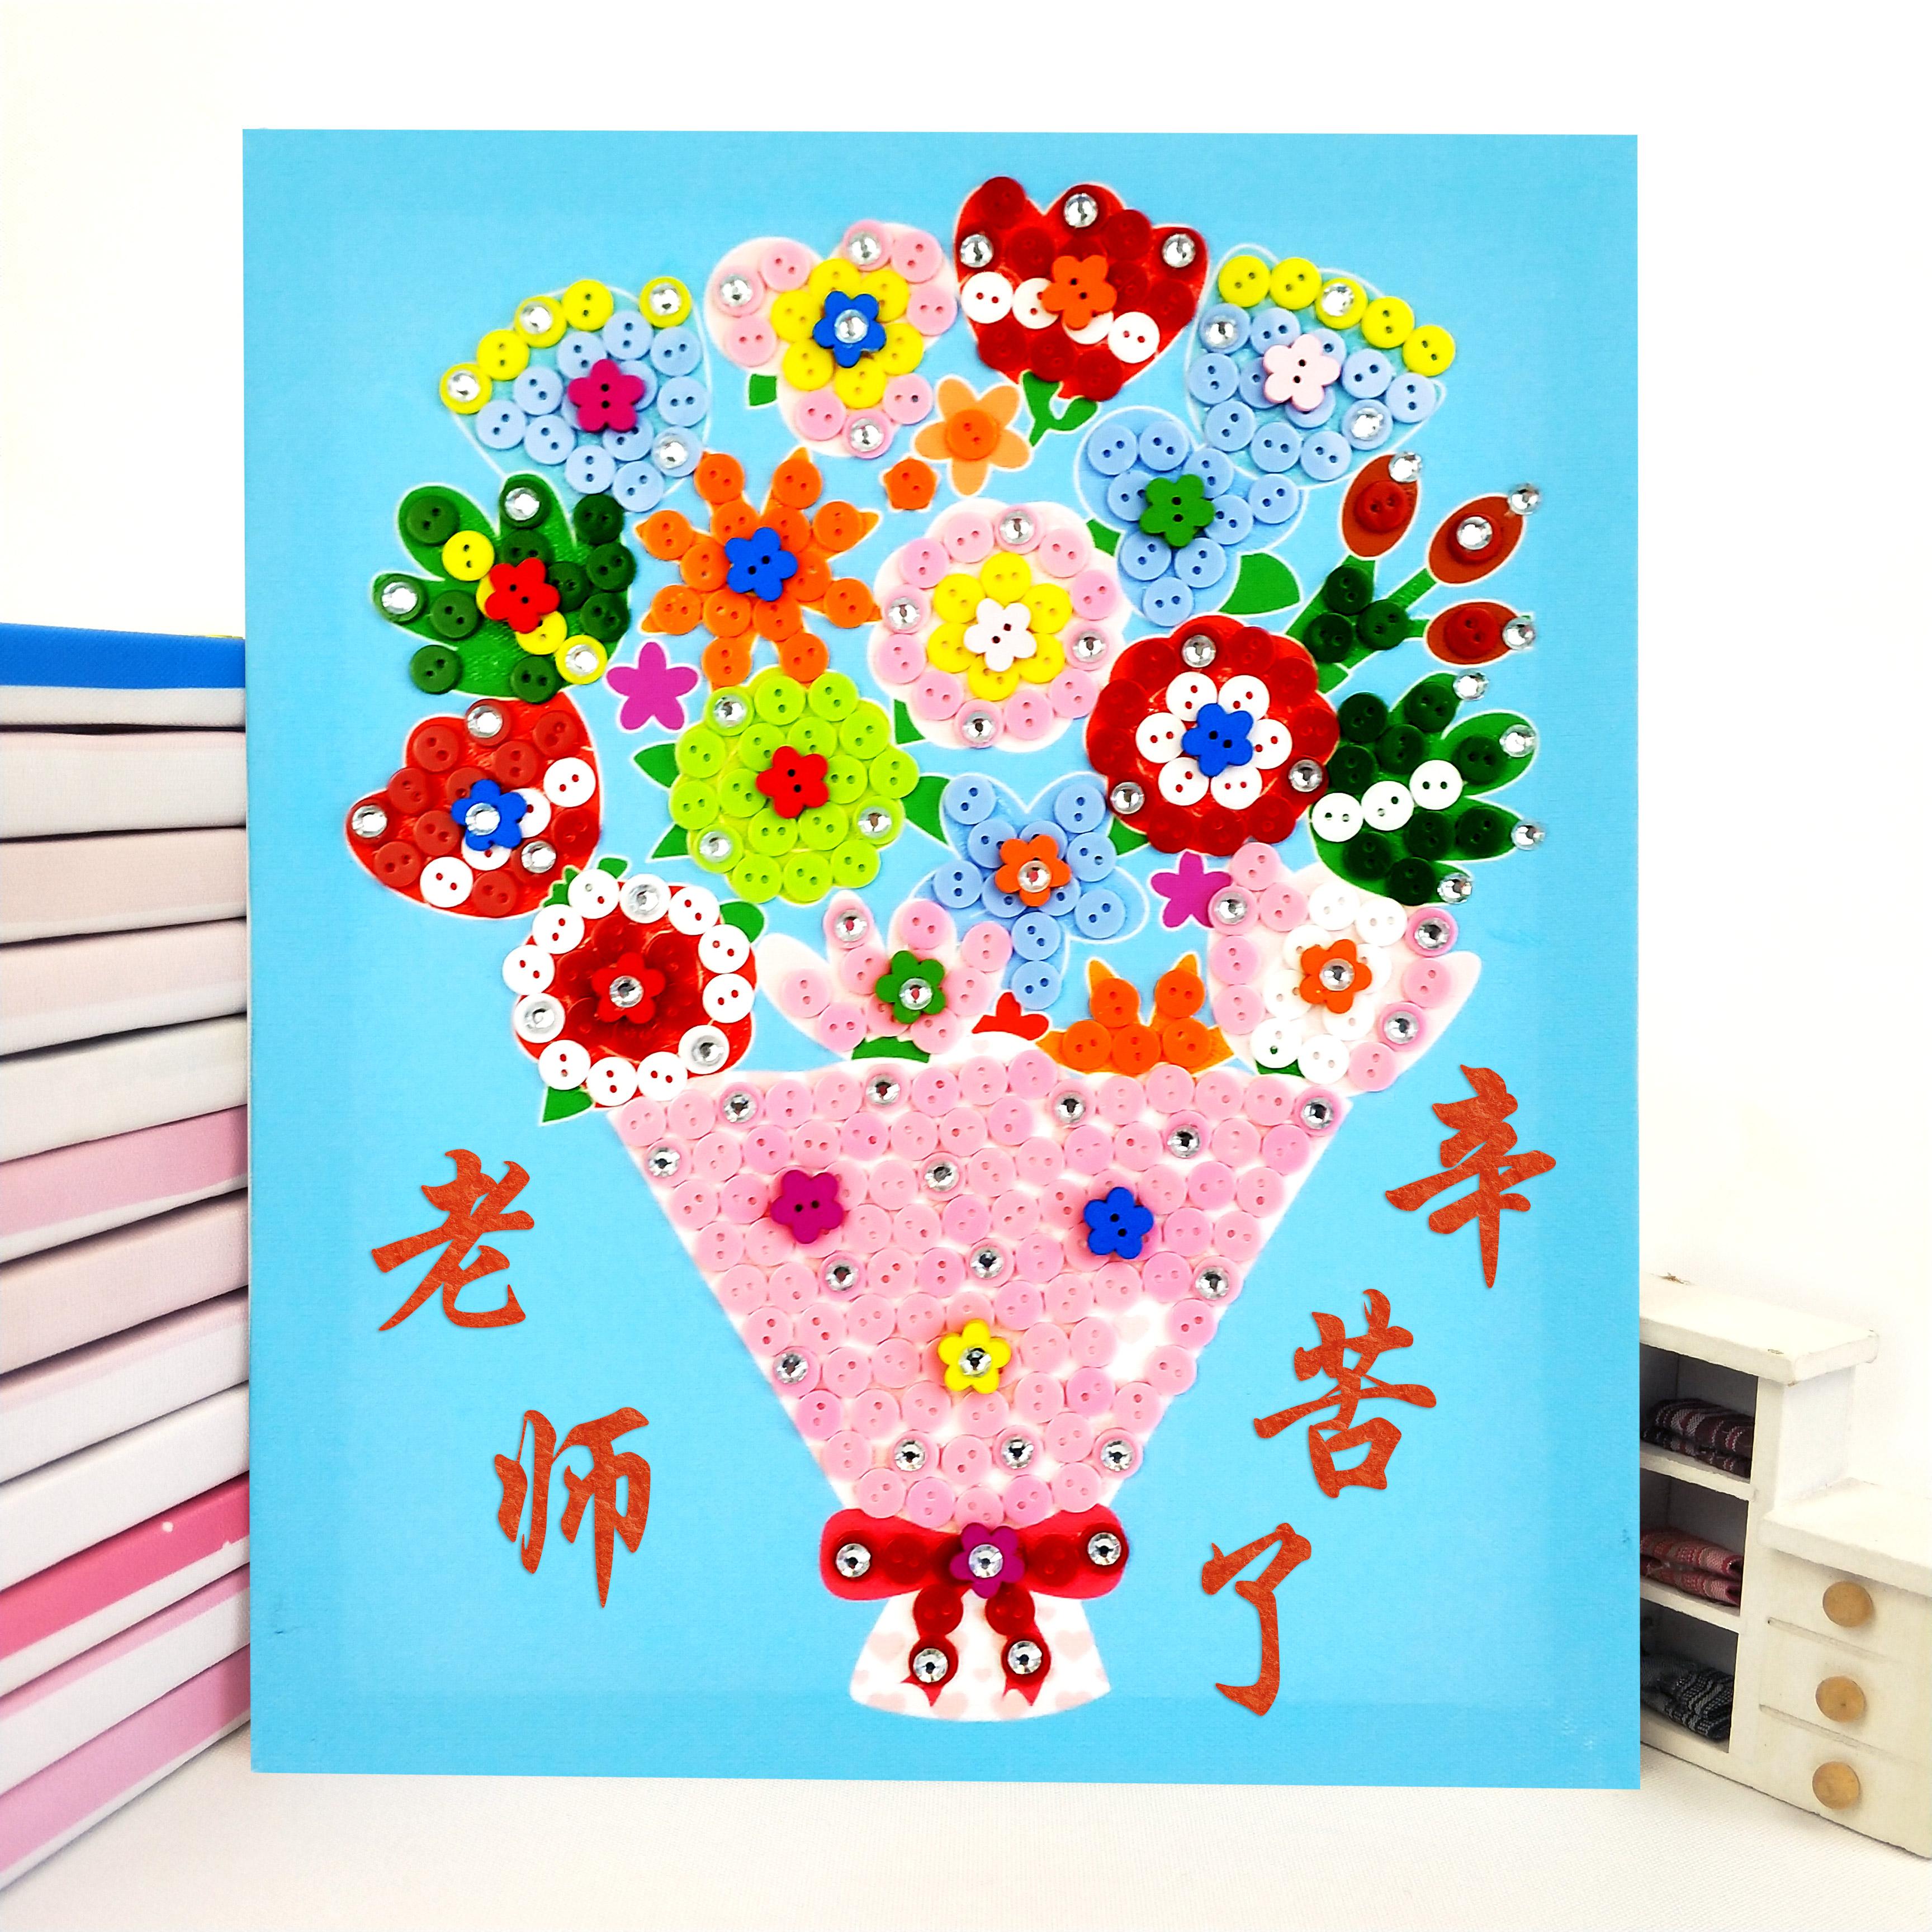 男女老师礼物纽扣画儿童手工diy制作创意材料包幼儿园扣子粘贴画